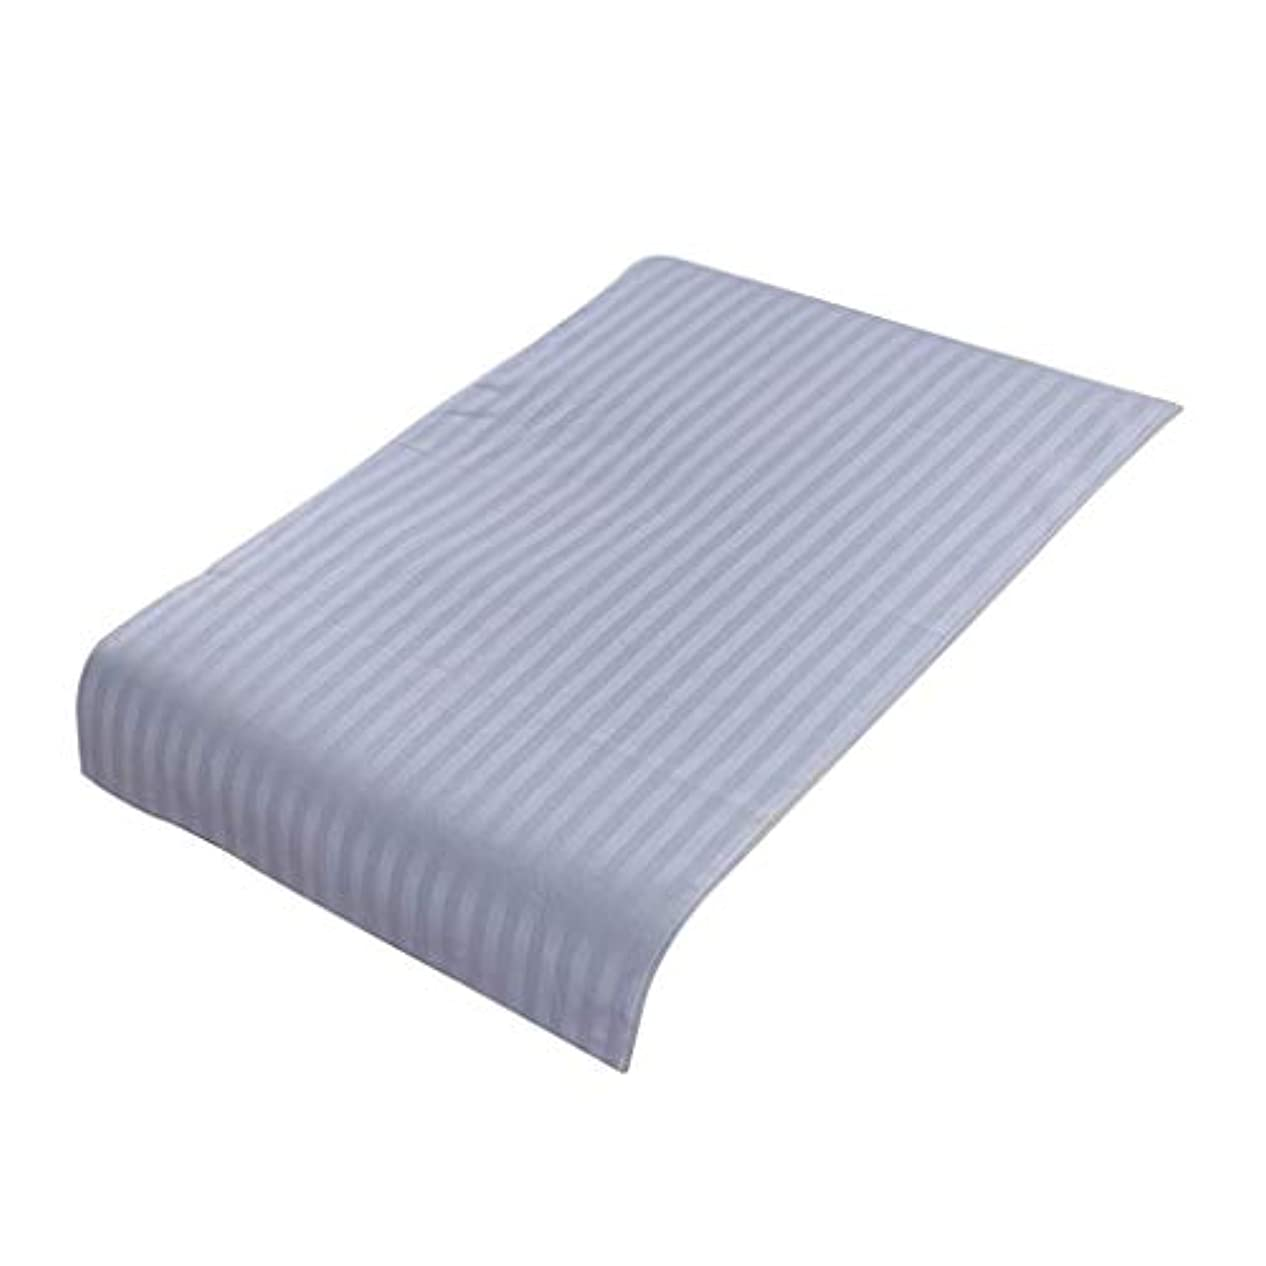 ディンカルビルスピーチふつうPETSOLA 美容院ベッドカバー 断面 スパ マッサージベッドスカート ピュアコットン 快適 (90×60cm) - ライトブルー